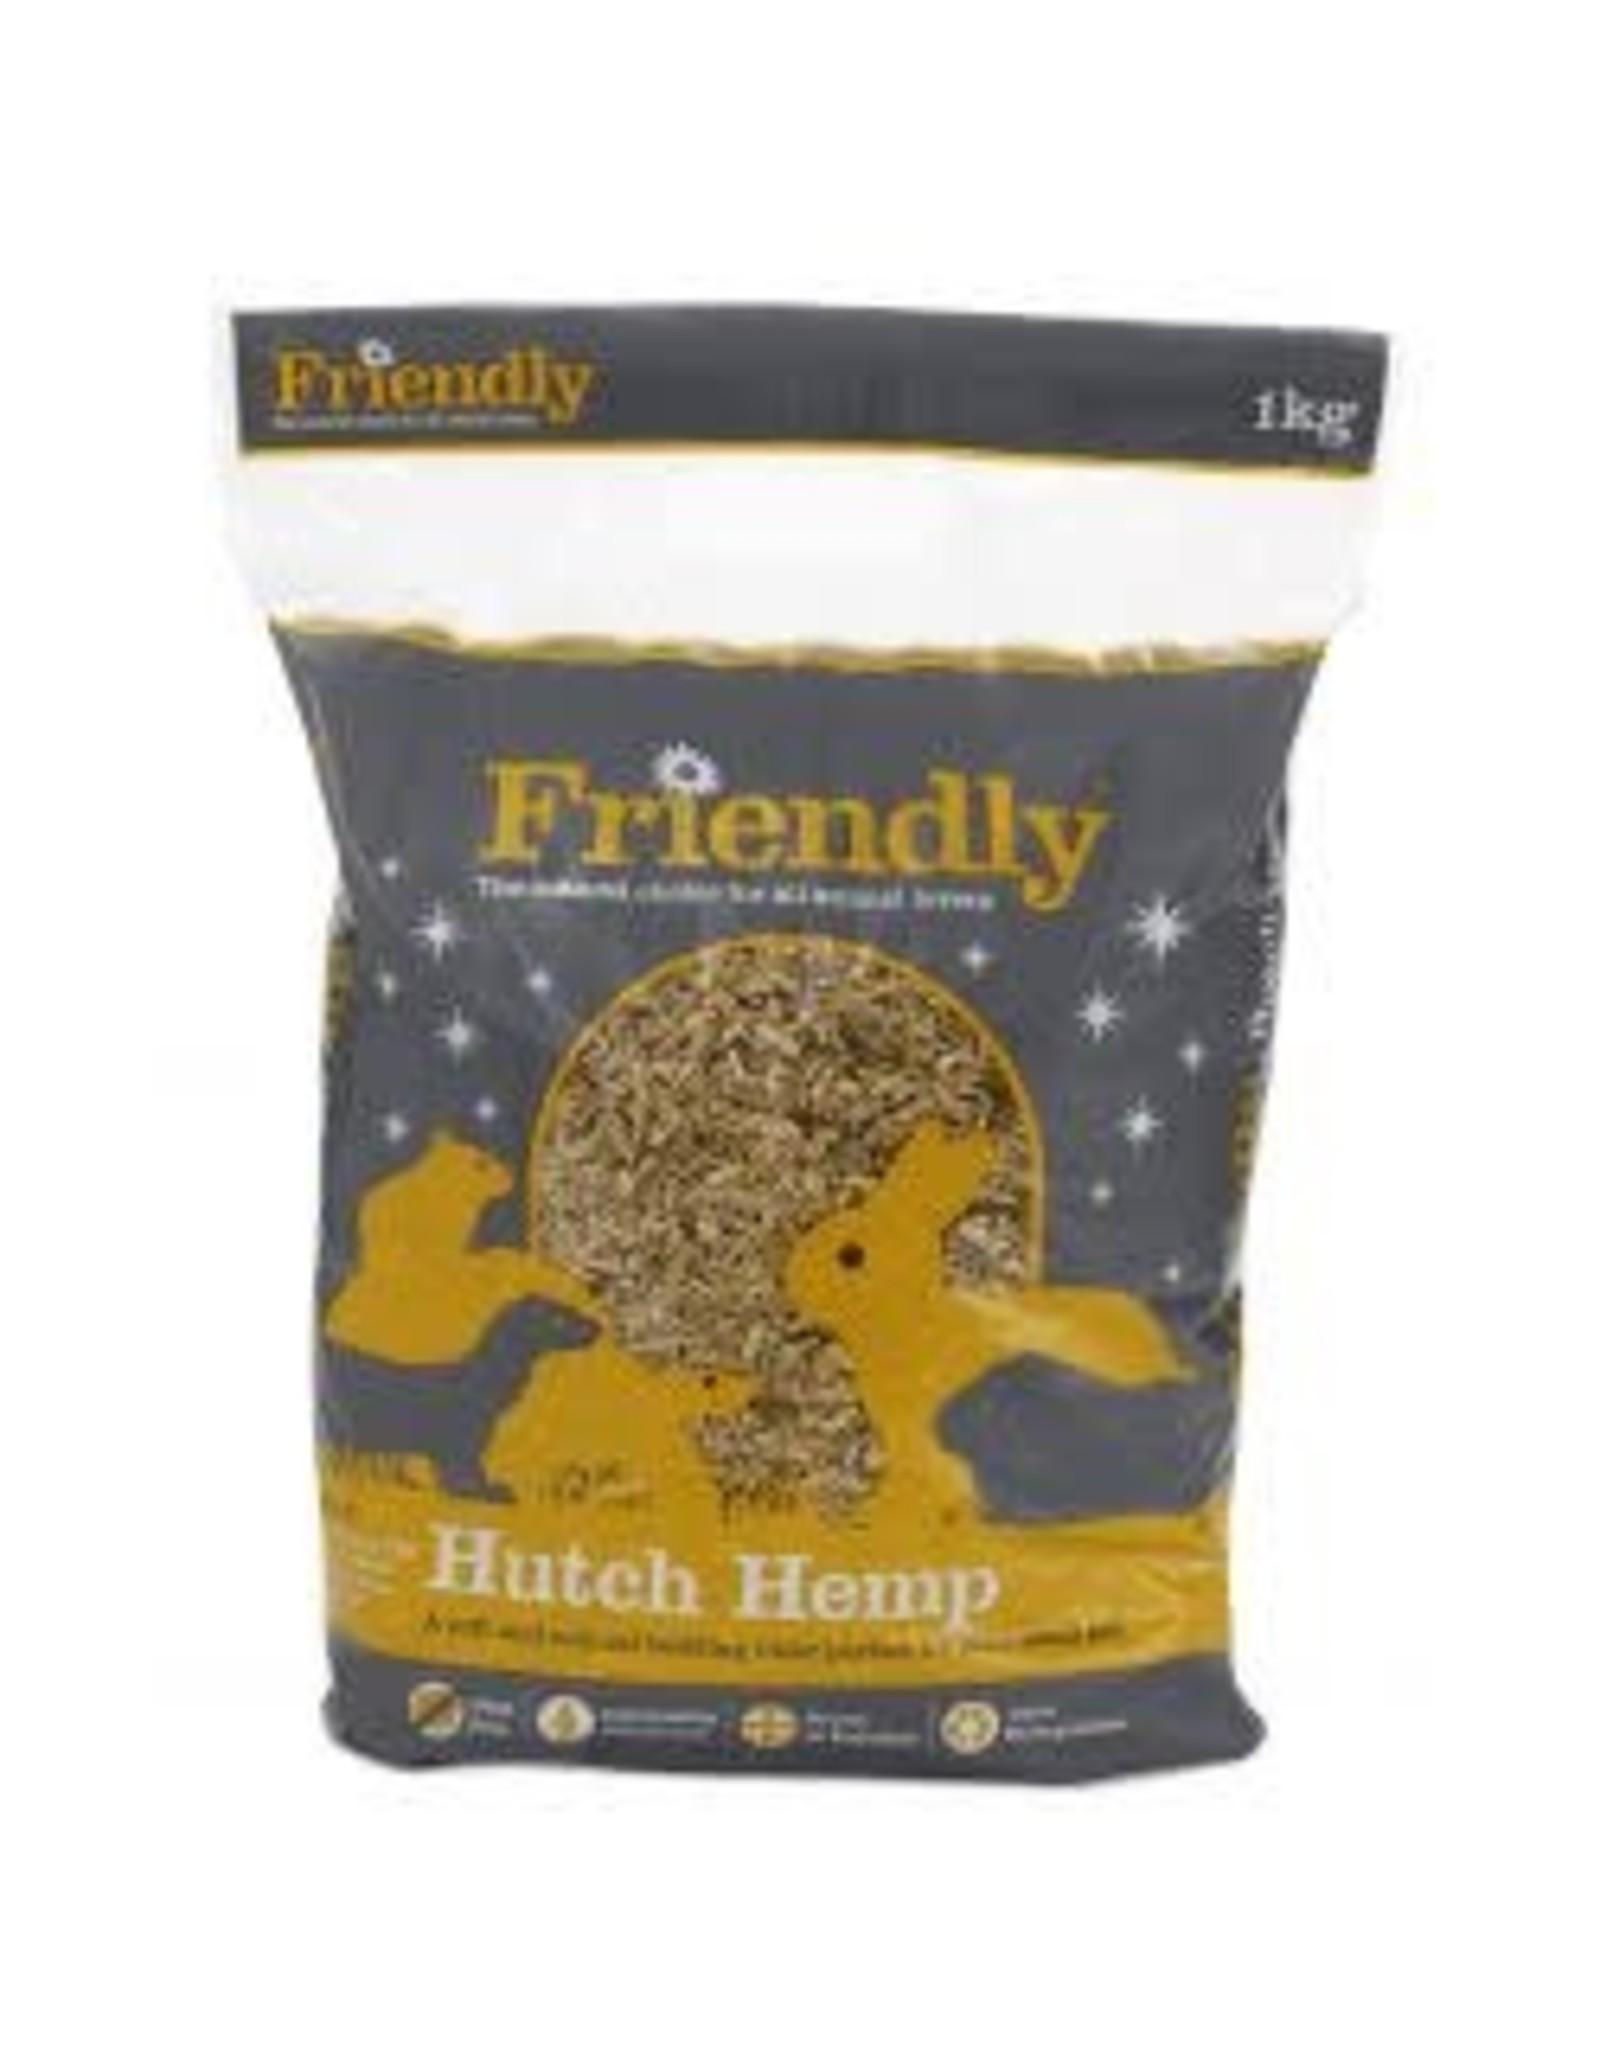 Friendly Friendly Hutch Hemp 1kg